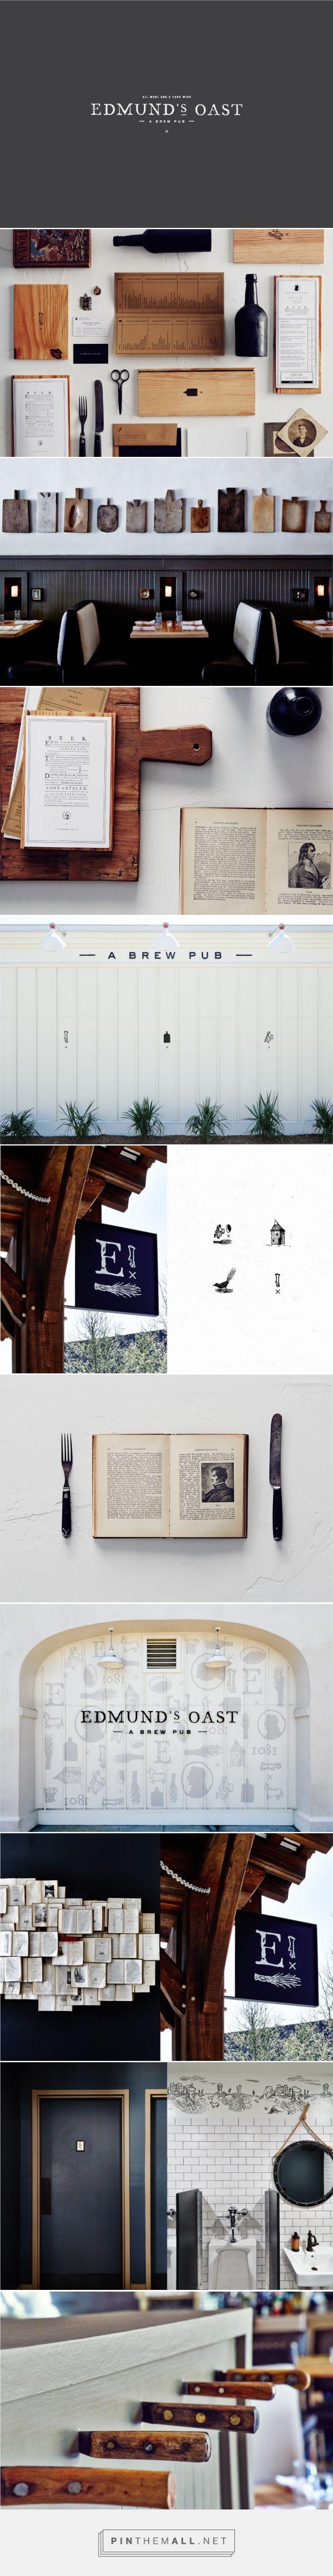 Edmund's Oast Branding by Stitch Design Co. | Fivestar Branding – Design and Branding Agency & Inspiration Gallery